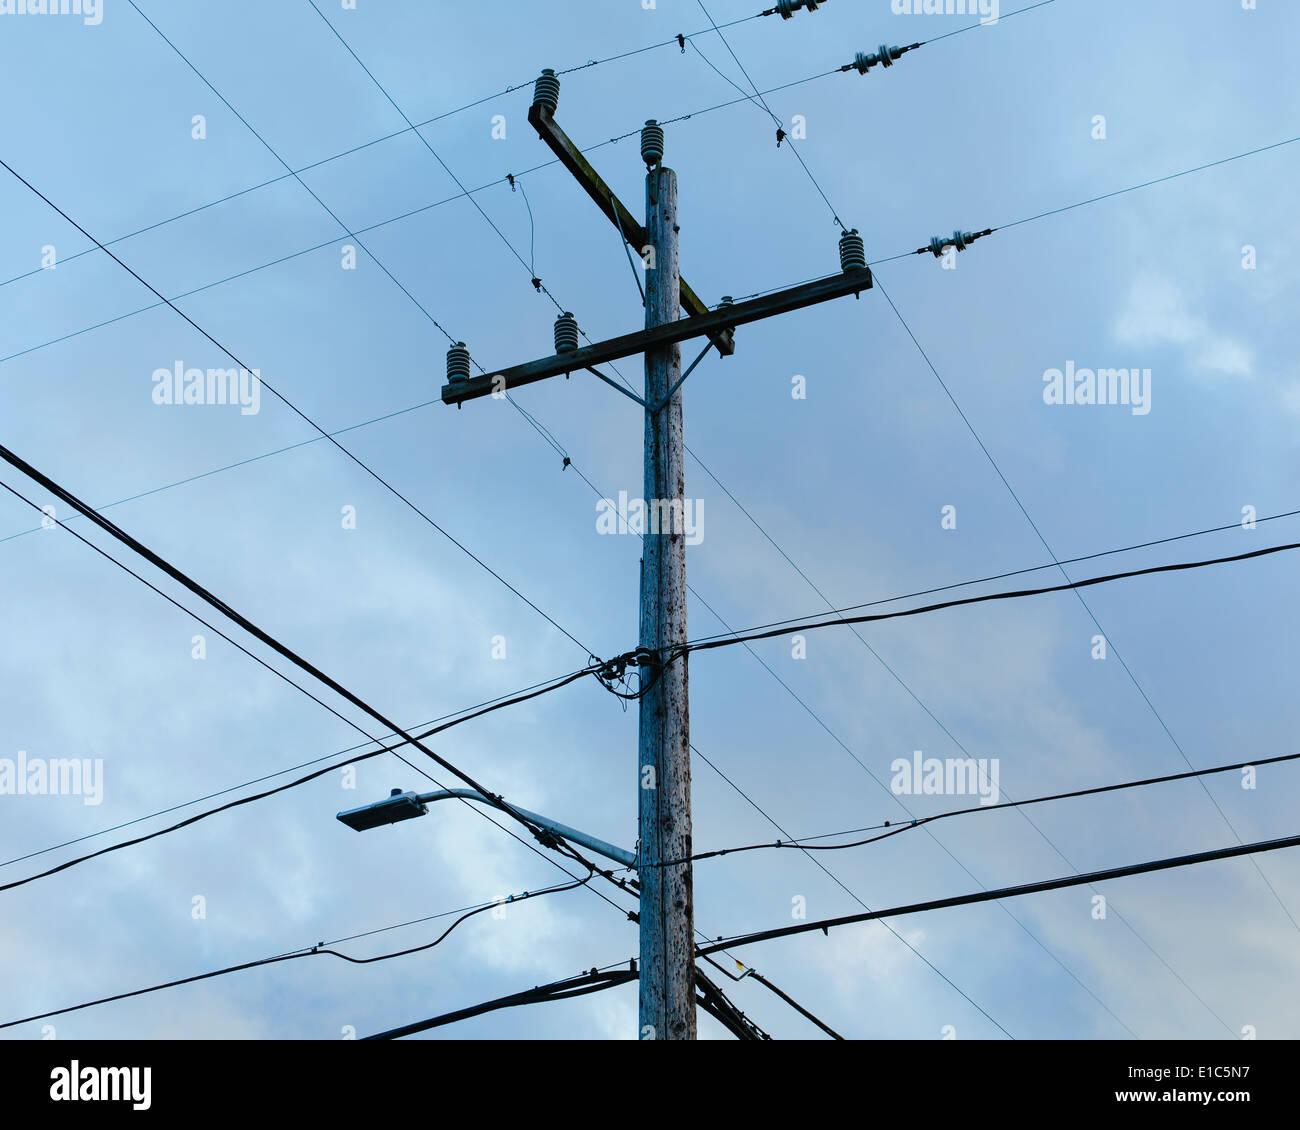 Telefonmast und Stromleitungen von den Boden gegen ein bewölkter Himmel betrachtet. Stockbild